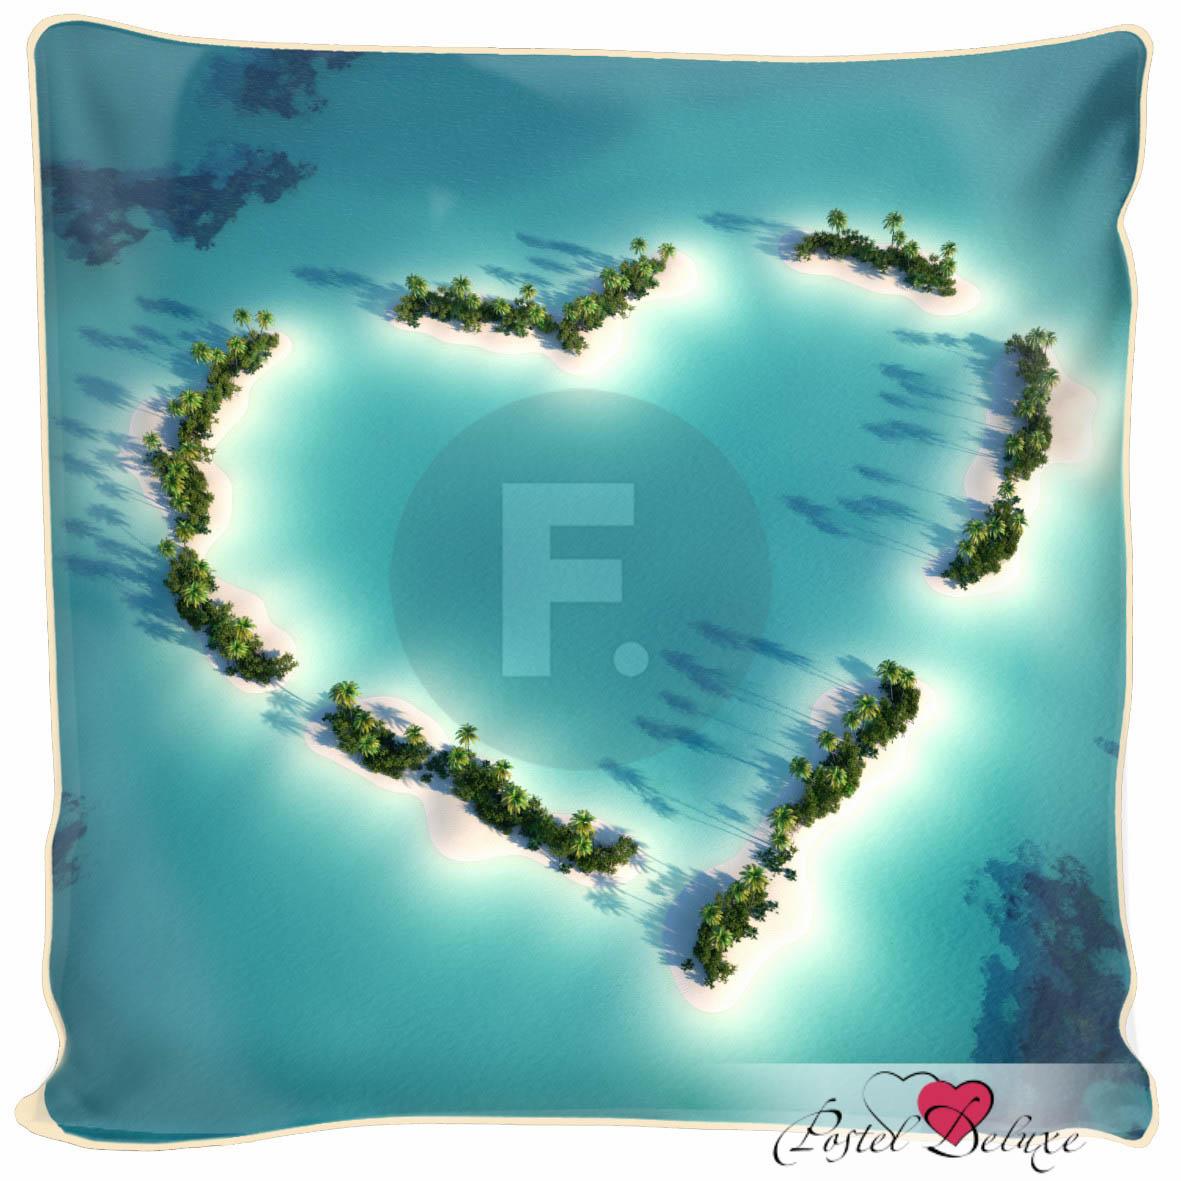 Декоративные подушки Fototende Декоративная подушка Остров Любви (45х45) fototende fototende декоративная подушка остров романтики 45х45